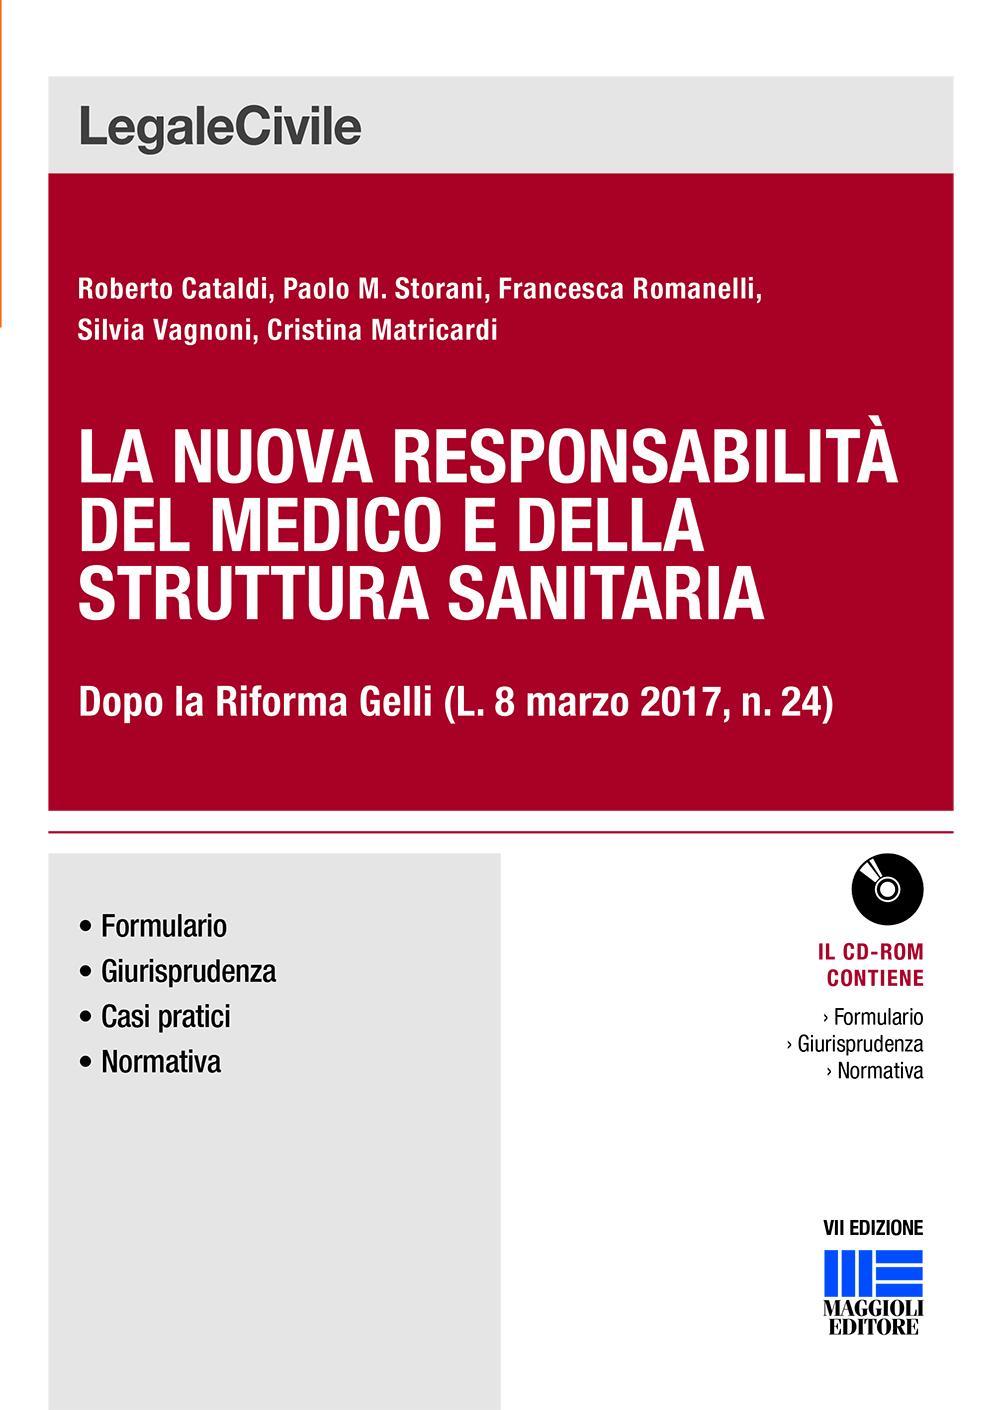 La nuova responsabilità del medico e della struttura sanitaria - Libri. La nuova responsabilità del medico e della struttura sanitaria